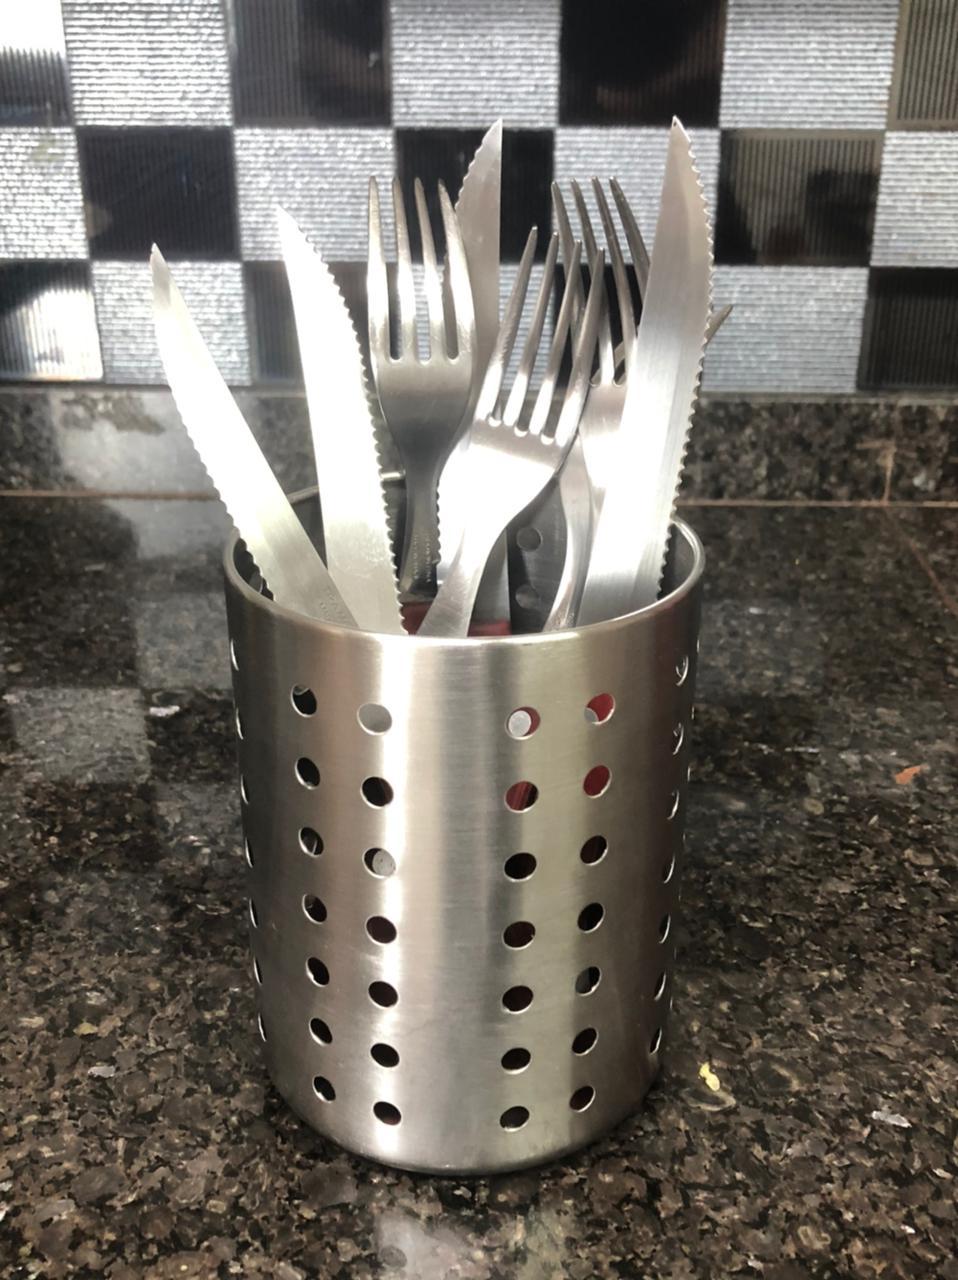 Porta talher utensilio de cozinha aço inox talher pincel organizador 10x12 cm